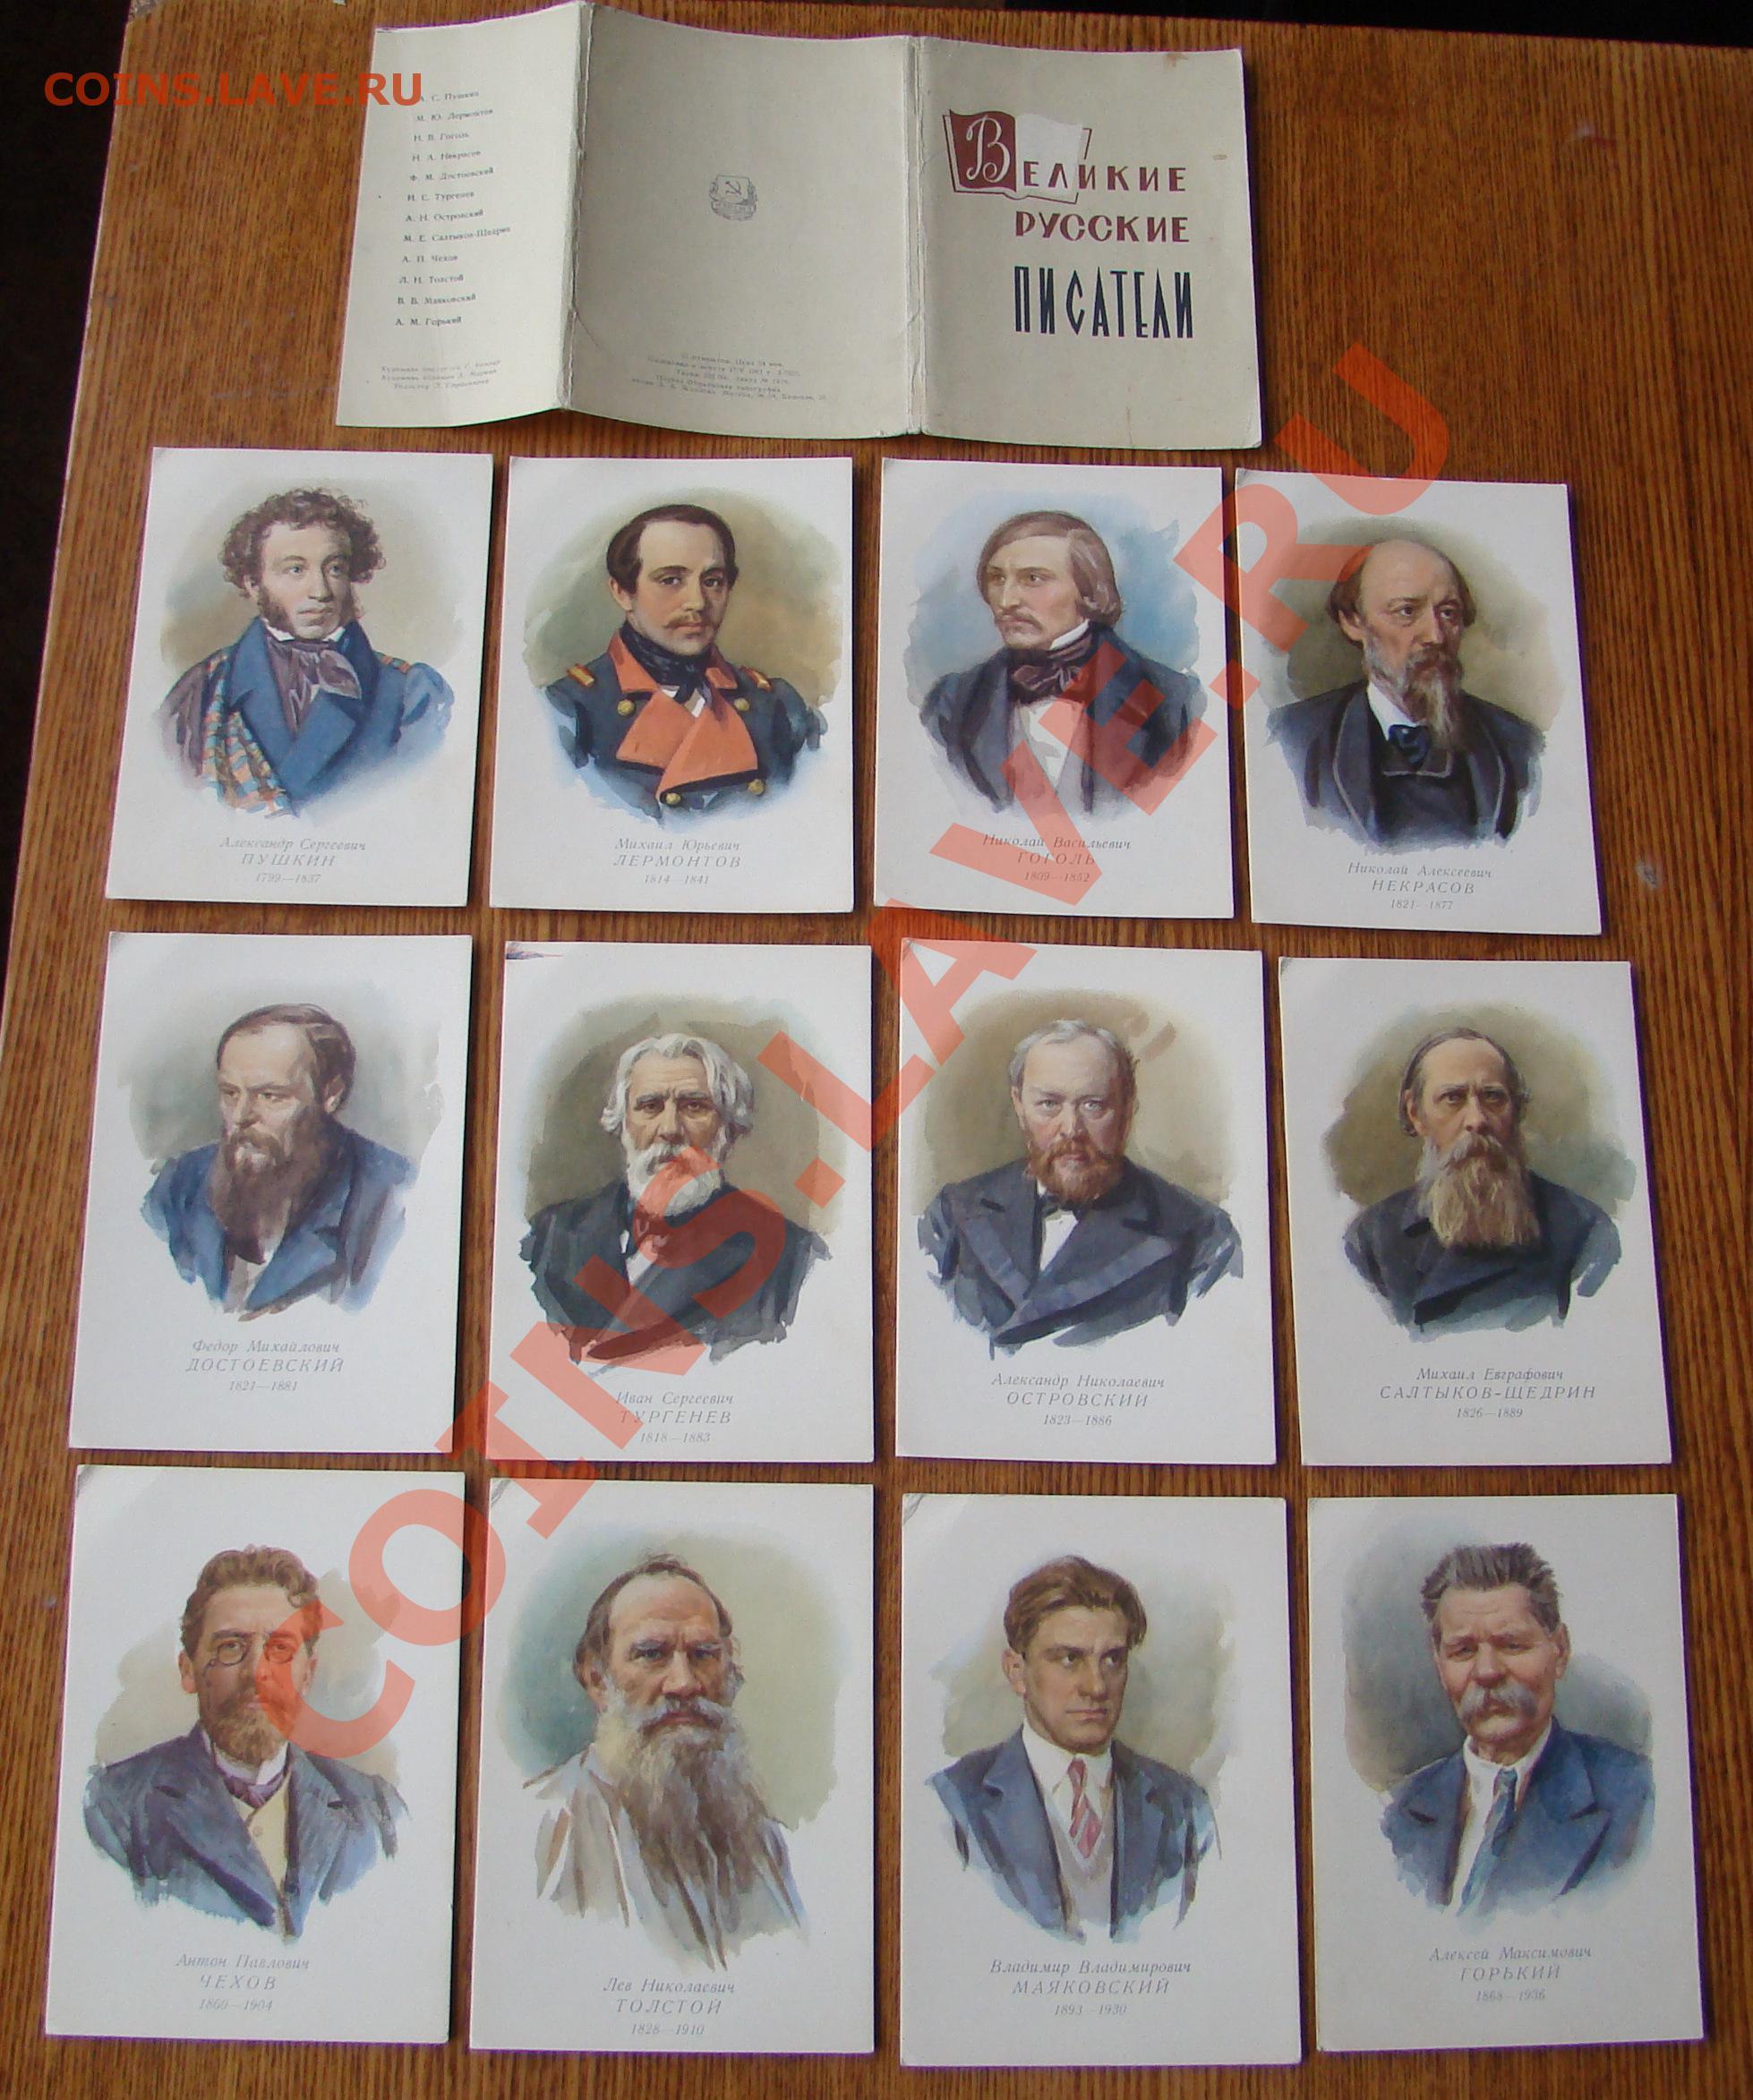 Надписями про, набор открыток с портретами русских писателей